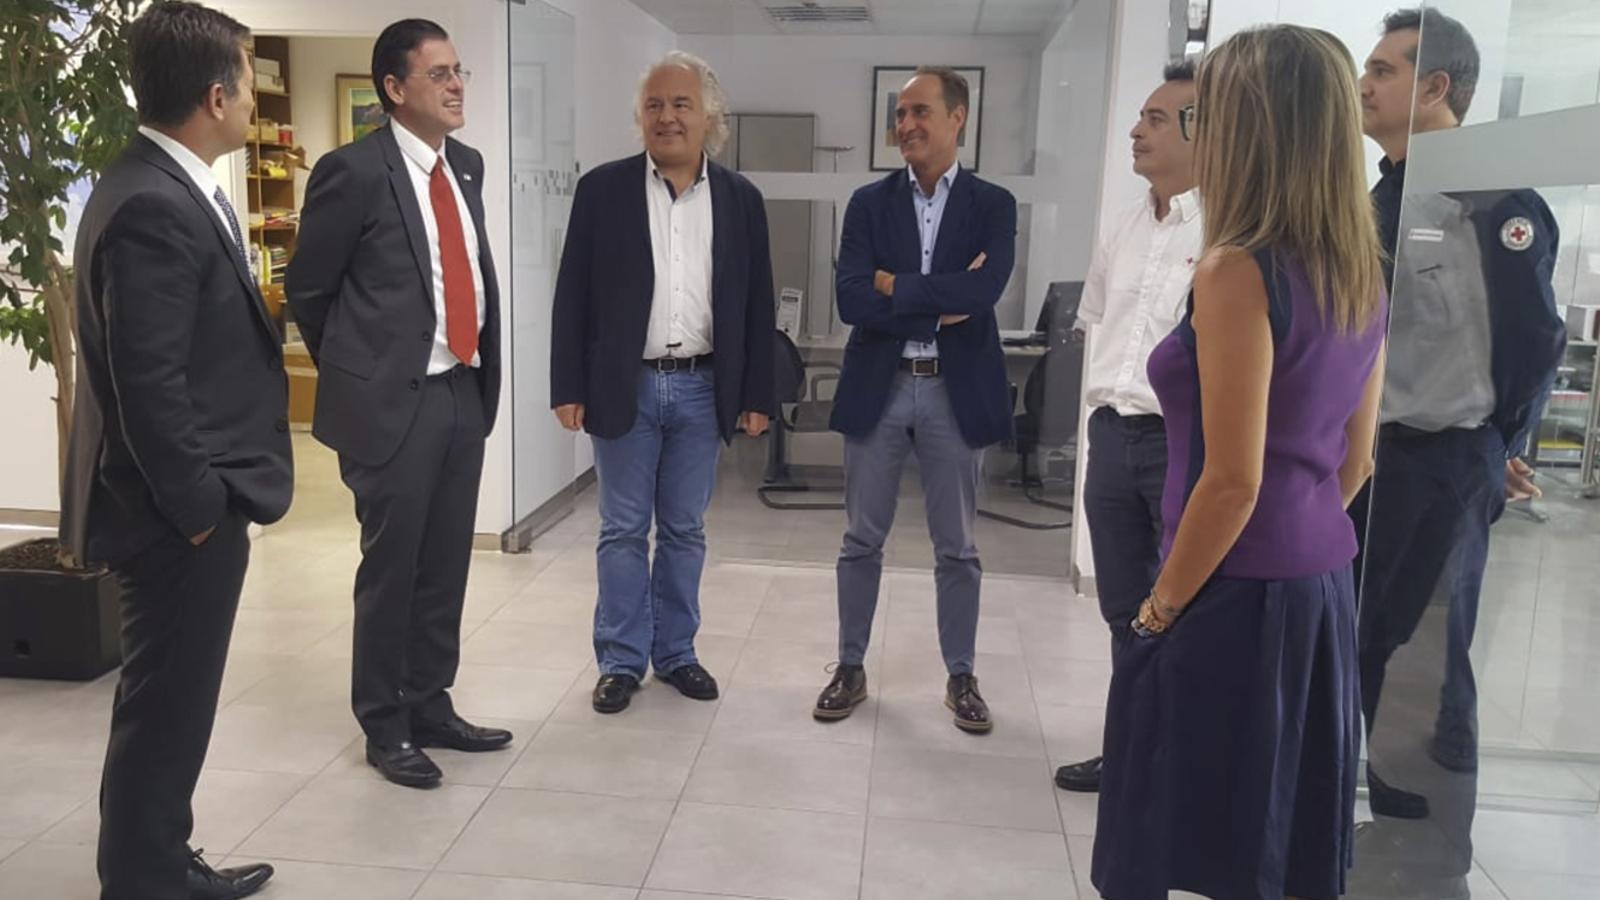 El vicepresident de la Federació Internacional de la Creu Roja i la Mitja Lluna Roja, Miguel Ángel Villarroel, durant la reunió d'aquest dimarts amb els màxims responsables de la Creu Roja Andorrana. / CREU ROJA